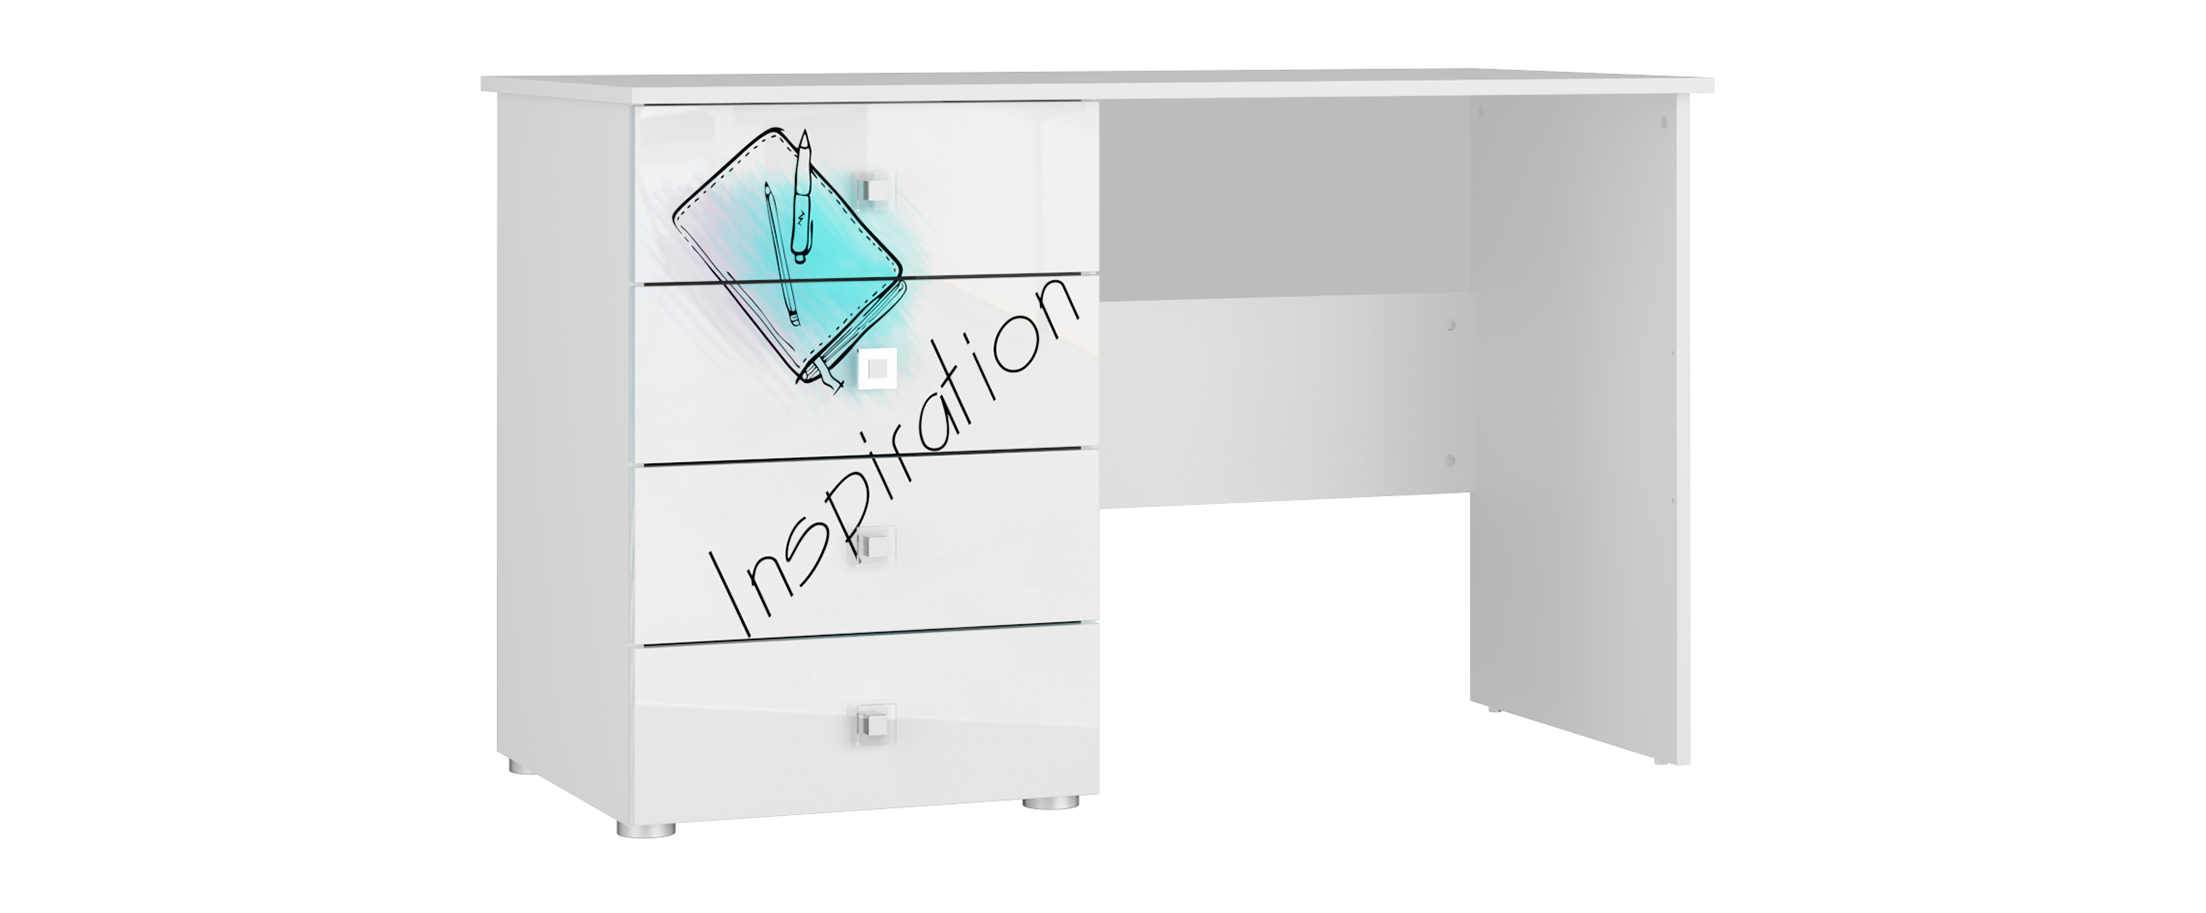 Письменный стол - Модерн  Стиль